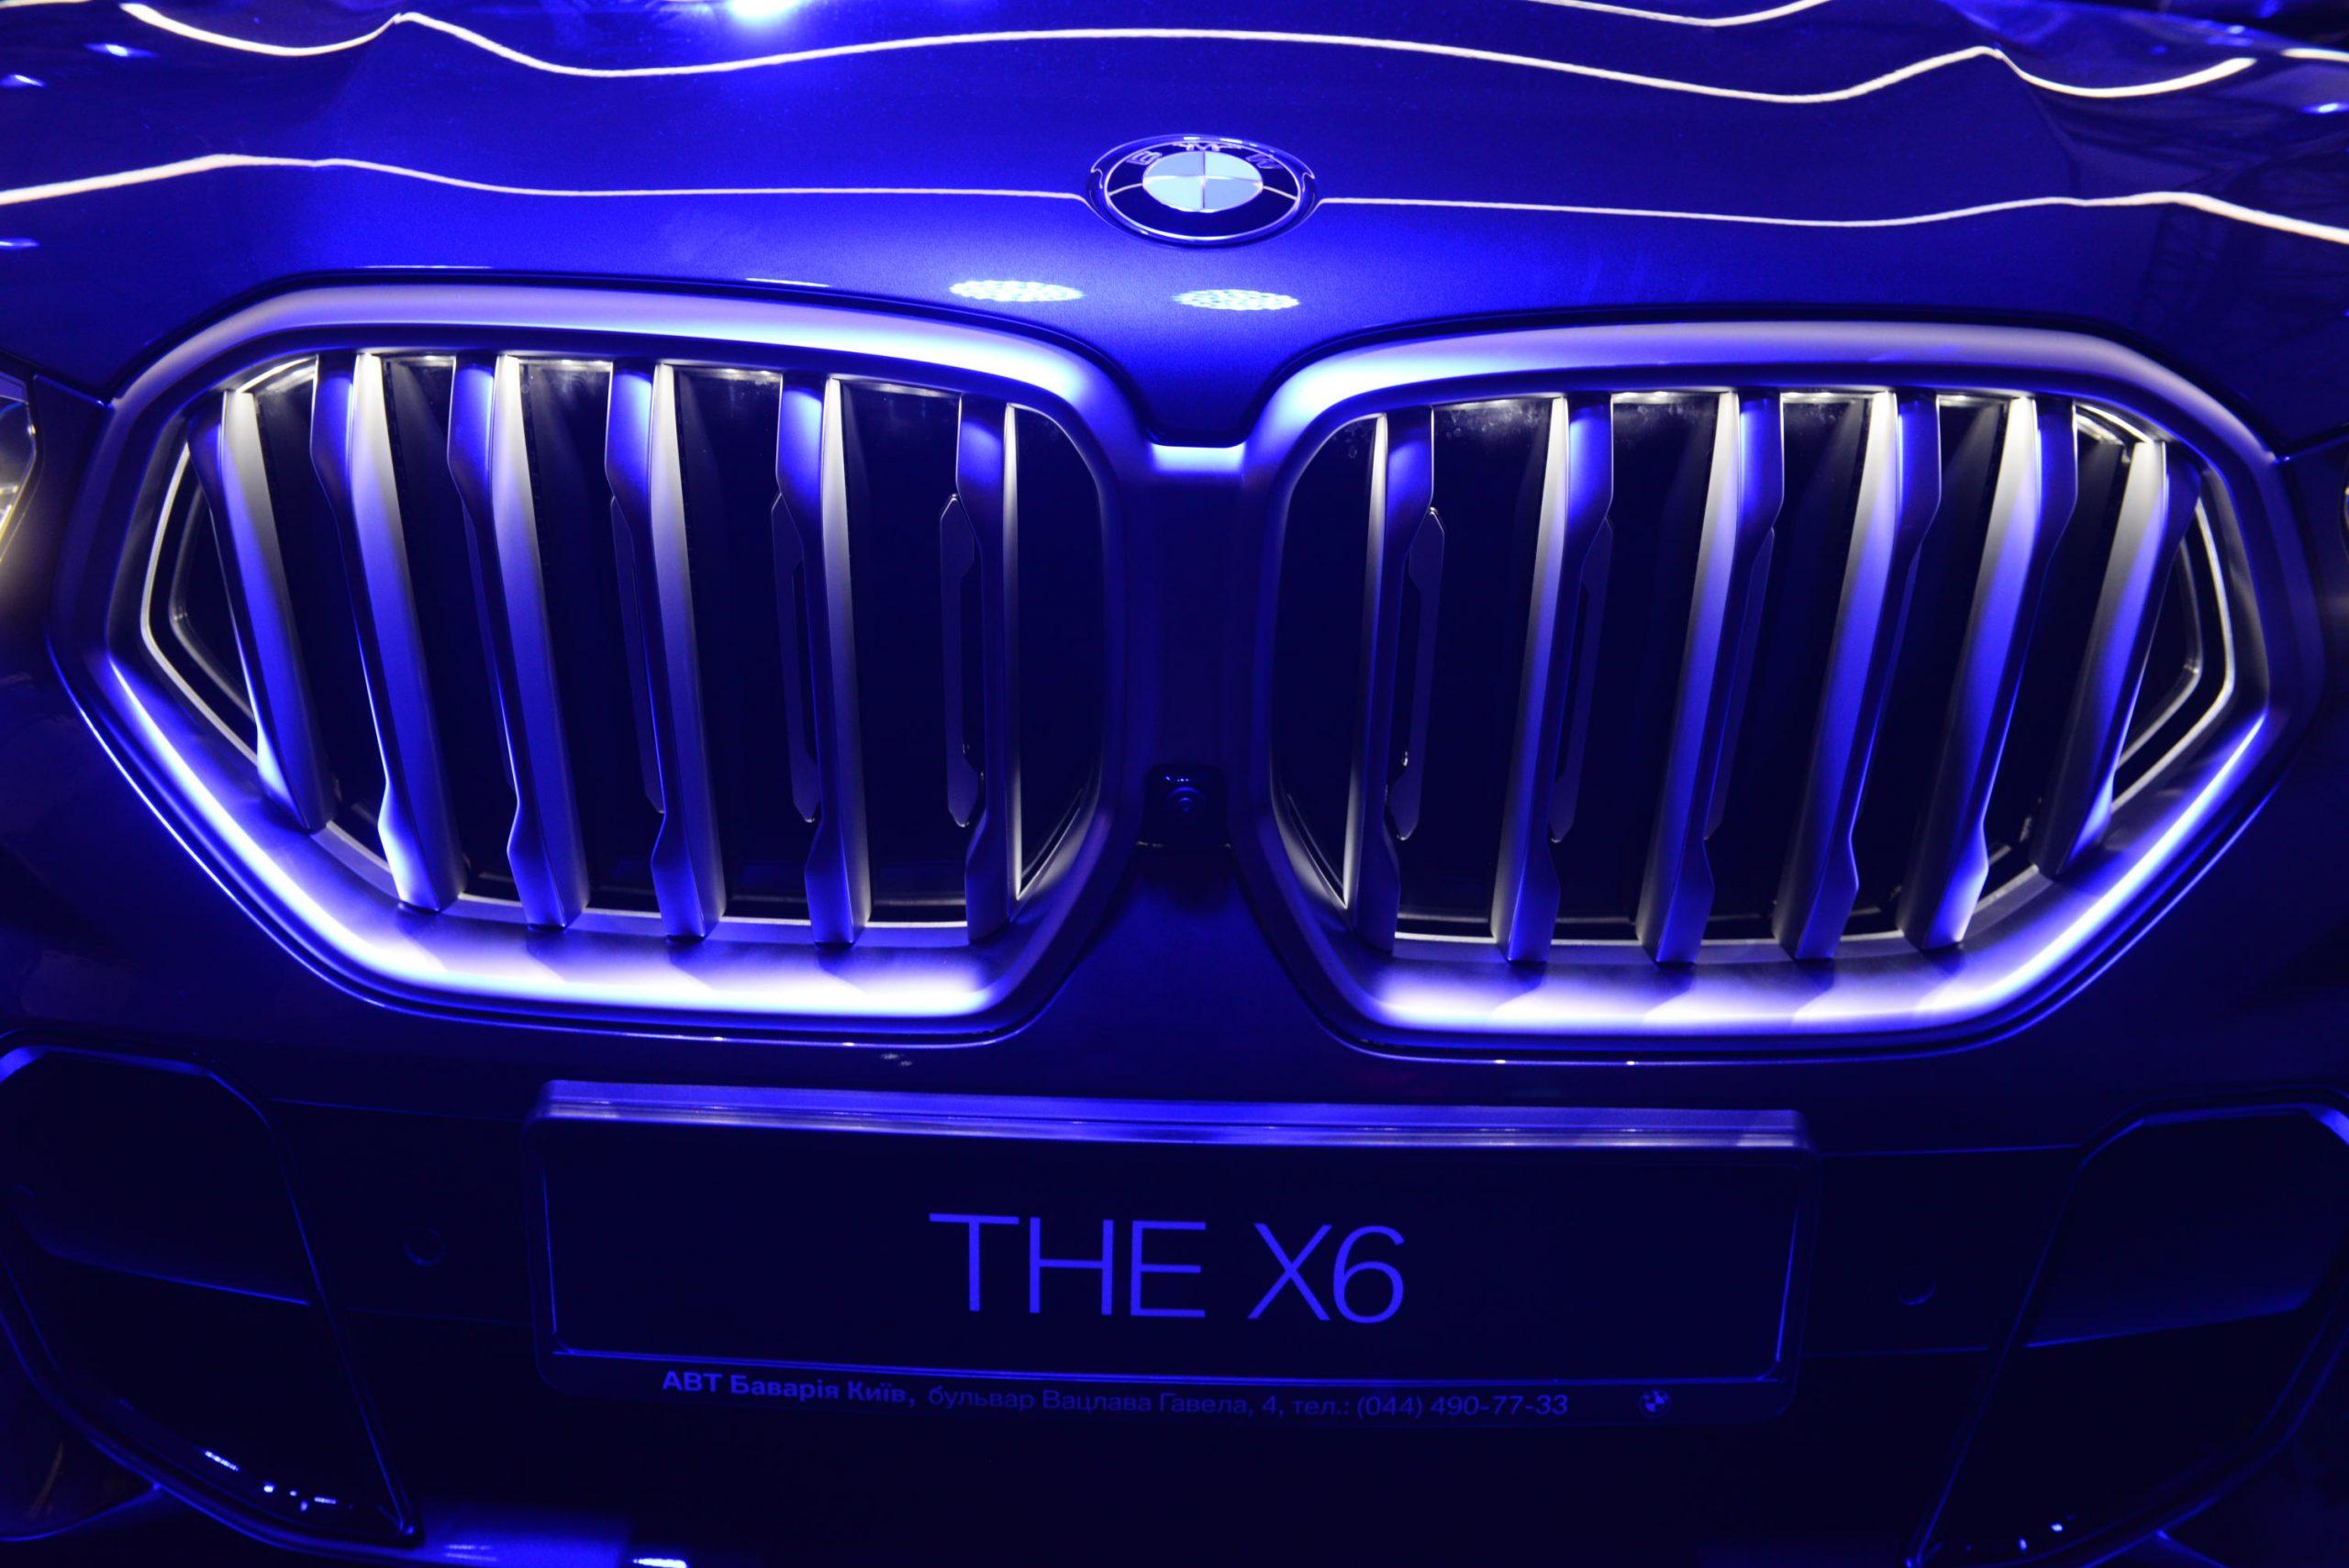 BMW THE X6